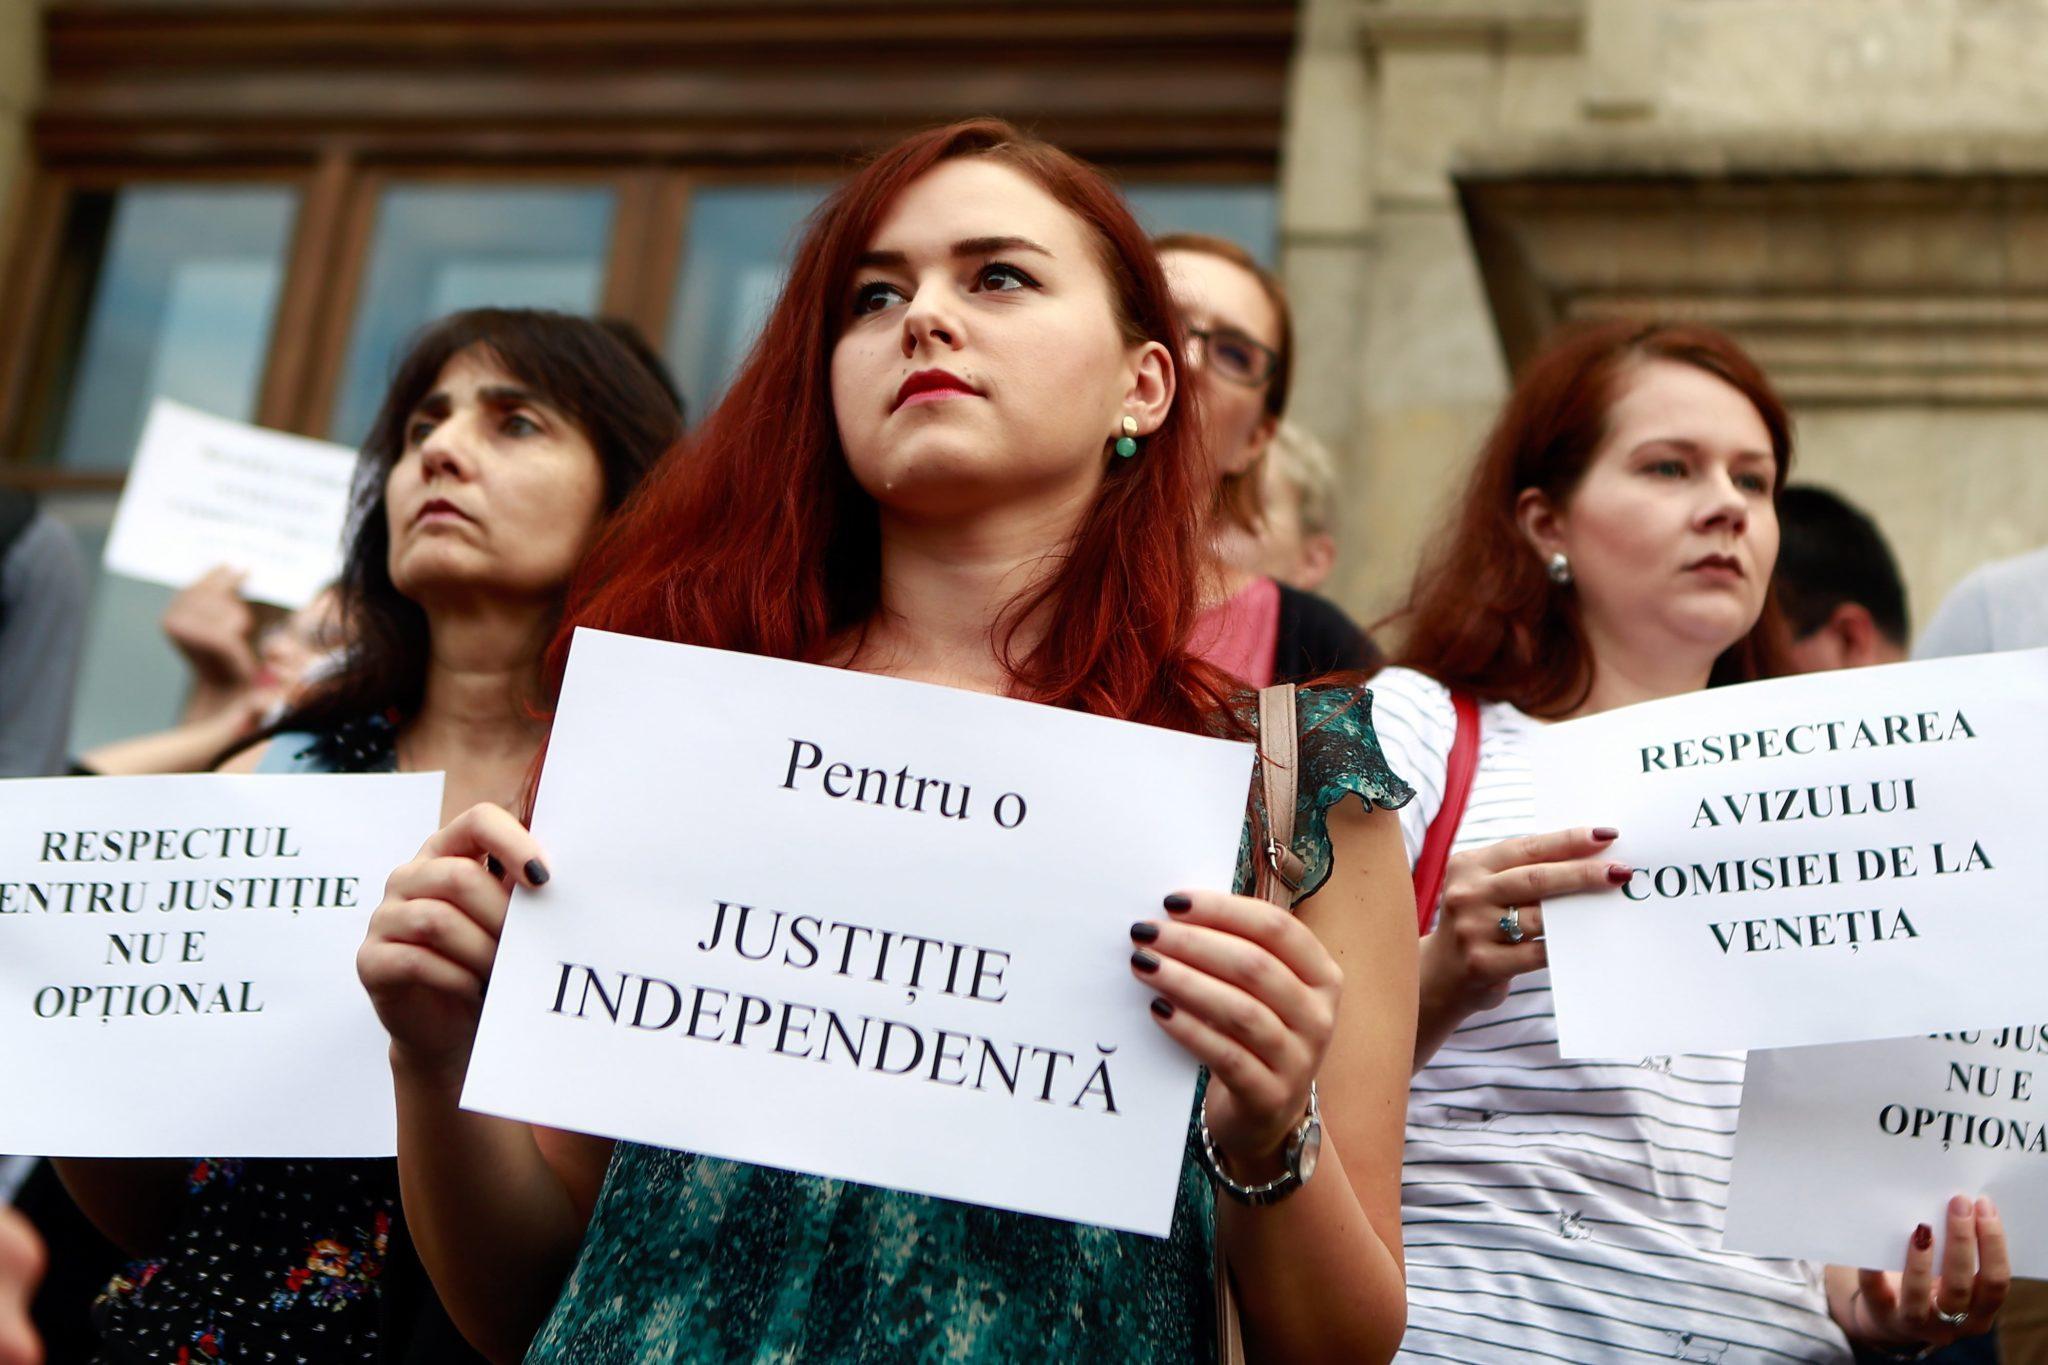 Rumuńscy urzędnicy  podczas protestu przed Sądem Apelacyjnym w Bukareszcie w Rumunii. Prawnicy i urzędnicy administracji publicznej protestują przeciwko planowanym zmianom w wymiarze sprawiedliwości, fot. Bogdan Cristel, PAP/EPA